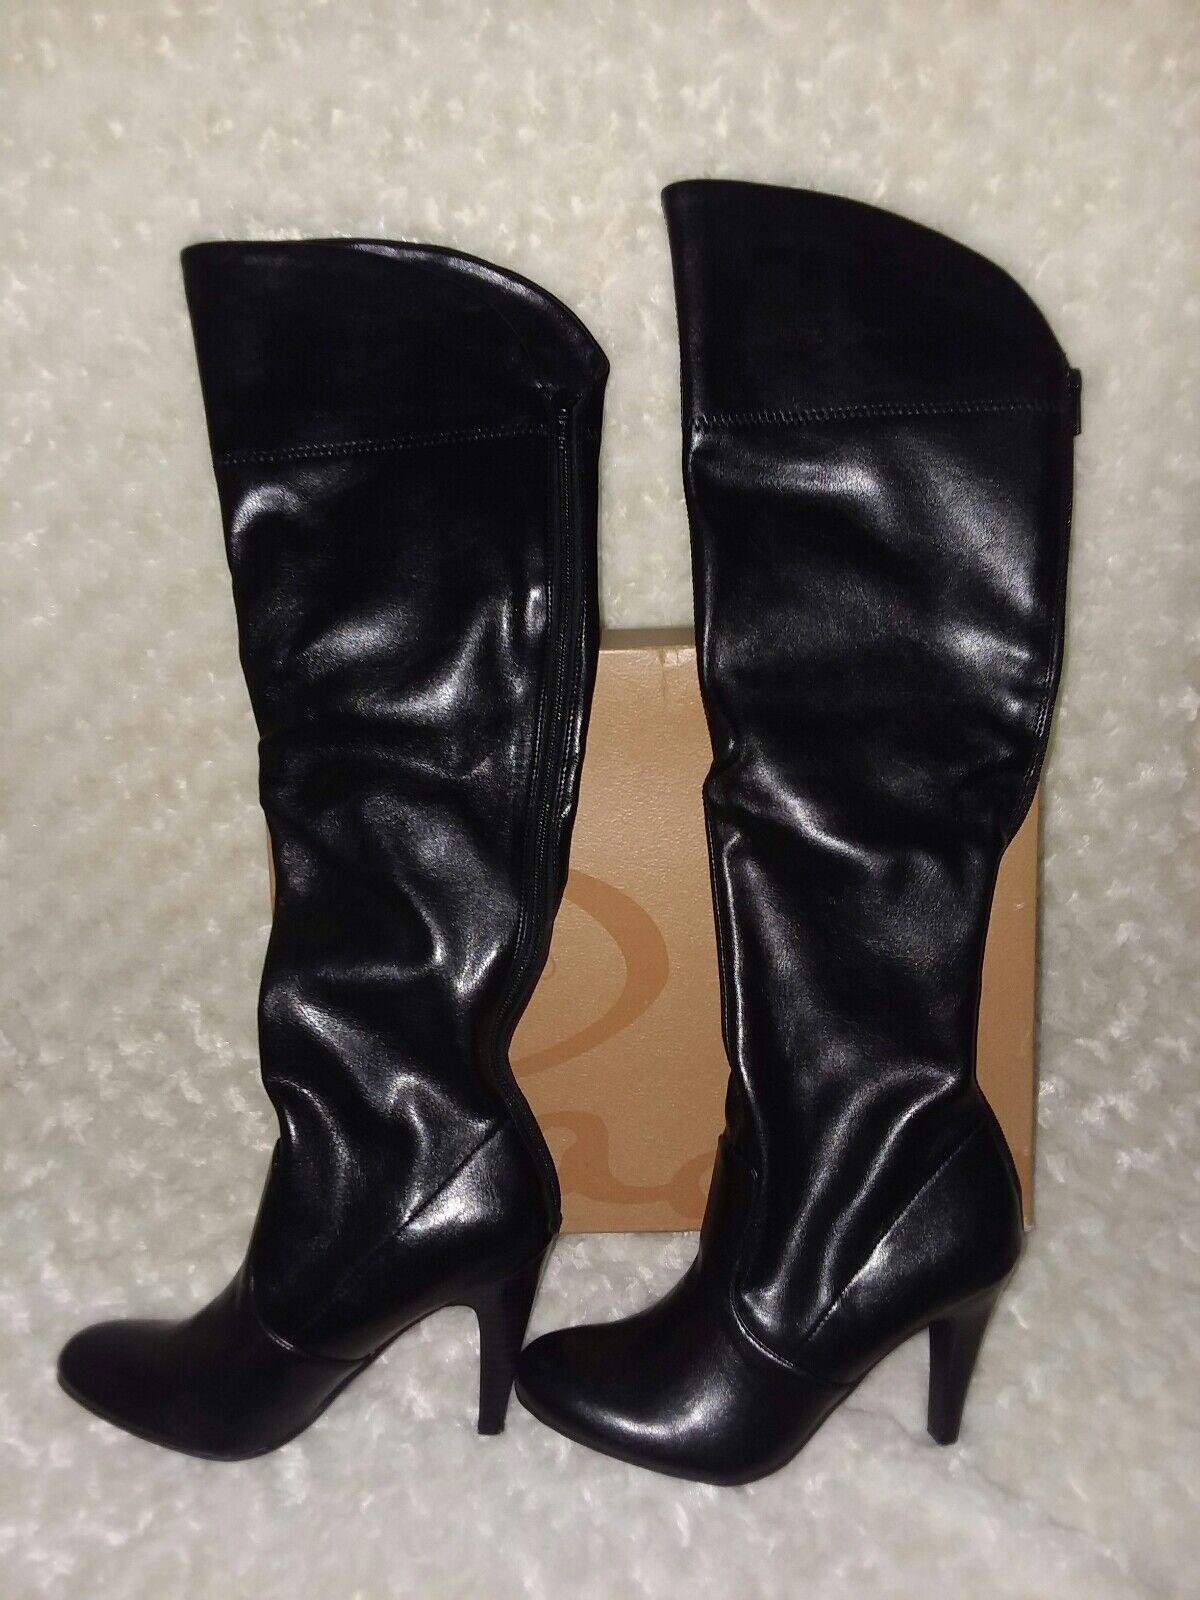 Studio Studio Studio Paolo Alto Negro Rodilla botas Sammy para mujer Talla 6 Nuevo en caja Zapatos de Tacón Cremallera Trasera  ventas calientes